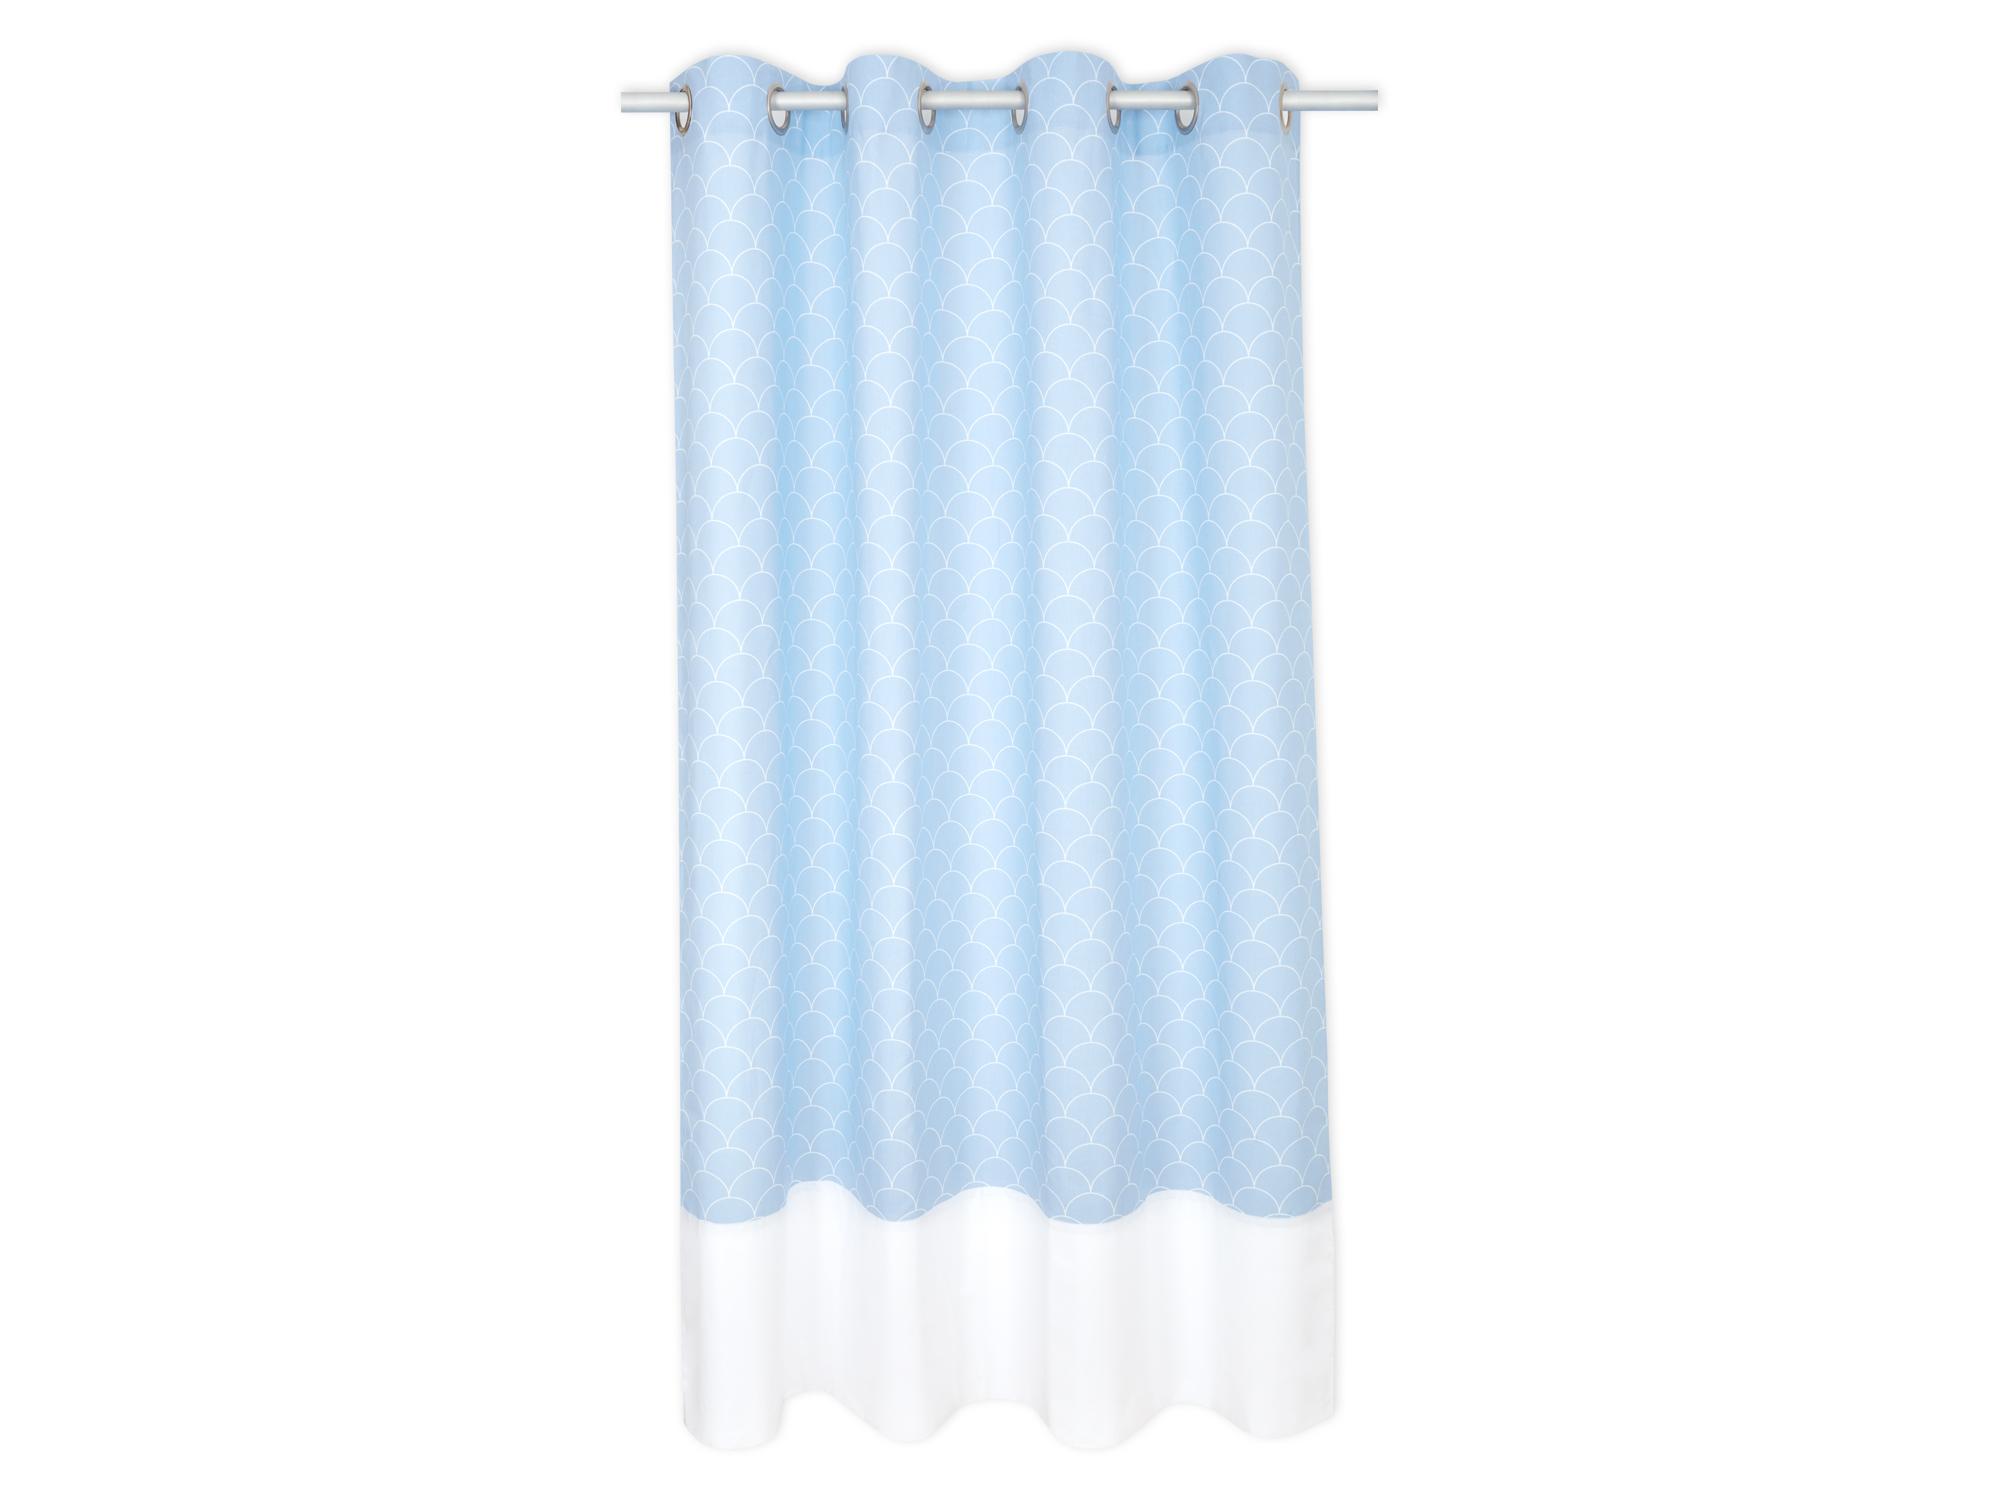 kraftkids gardinen uniweiss und wei e halbkreise auf pastelblau l nge 170 cm. Black Bedroom Furniture Sets. Home Design Ideas